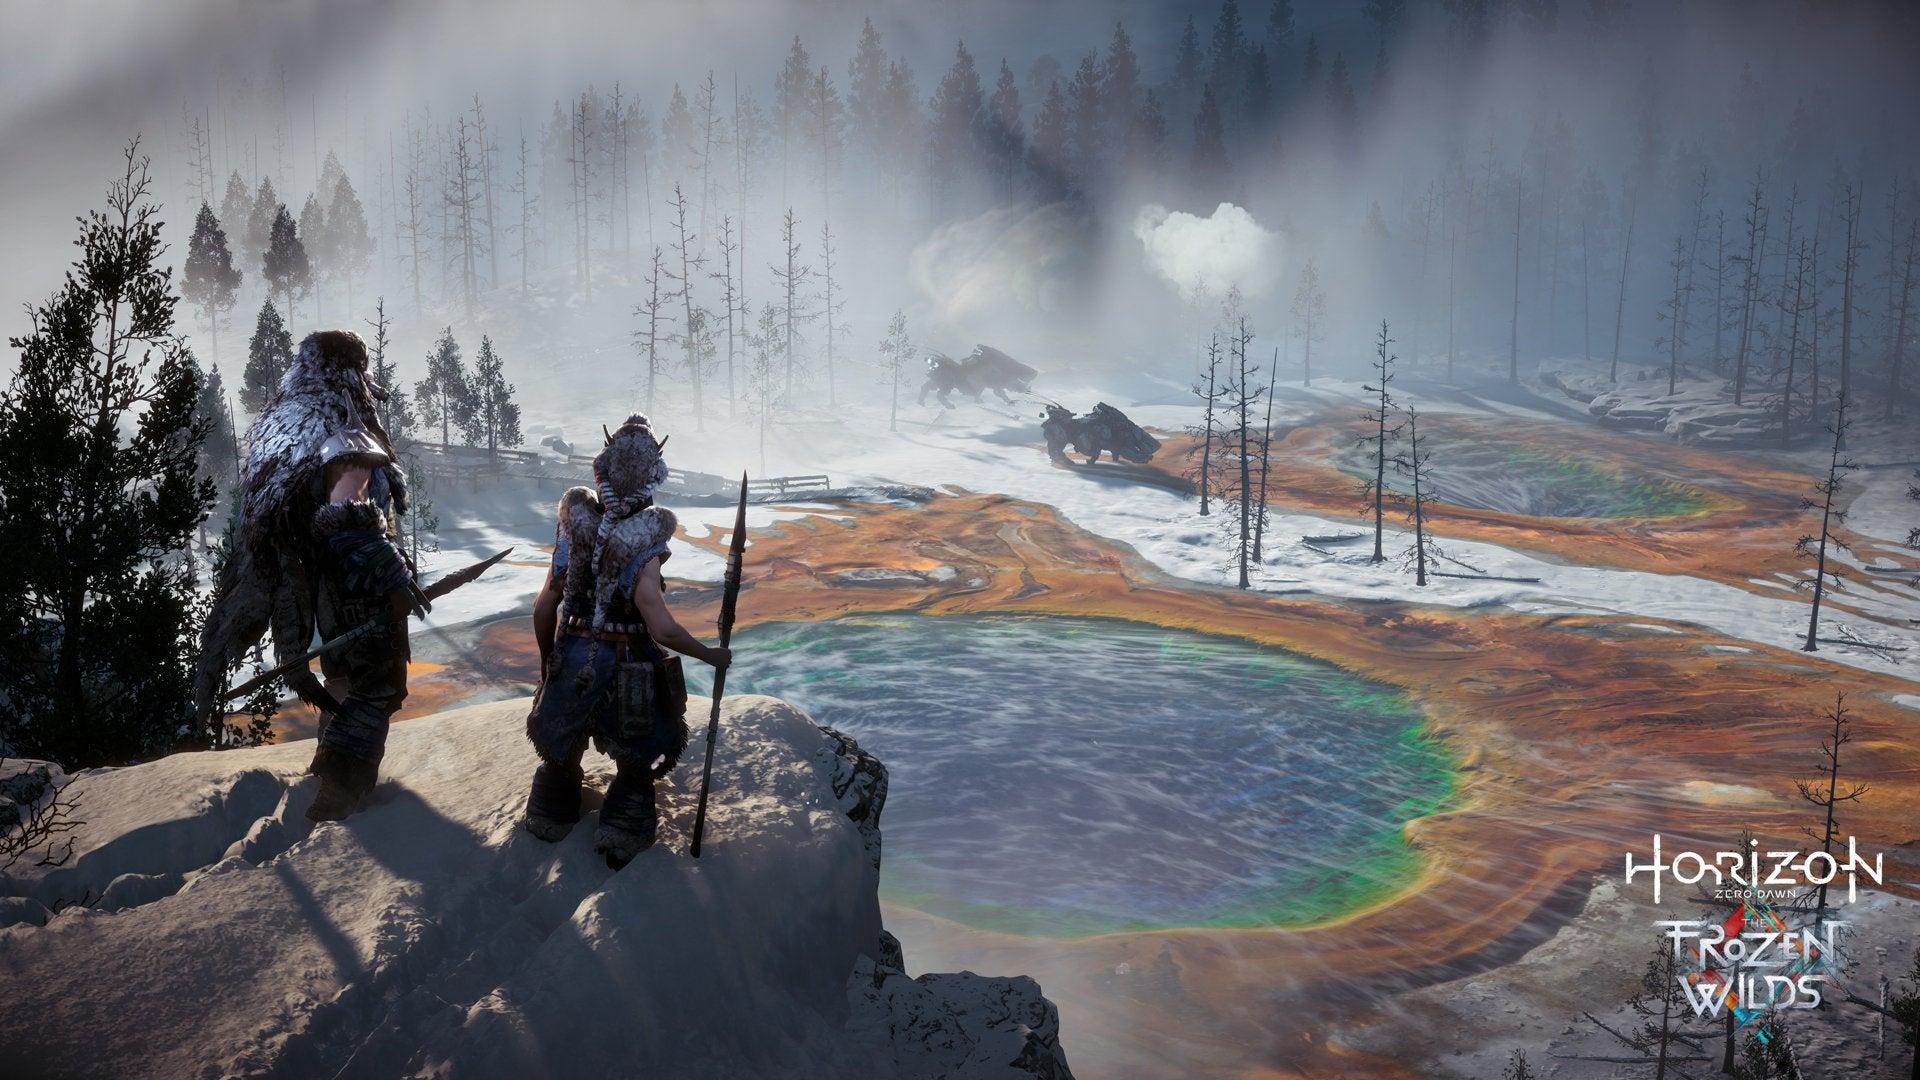 La nieve y el hielo son los elementos más comunes en esta nueva zona